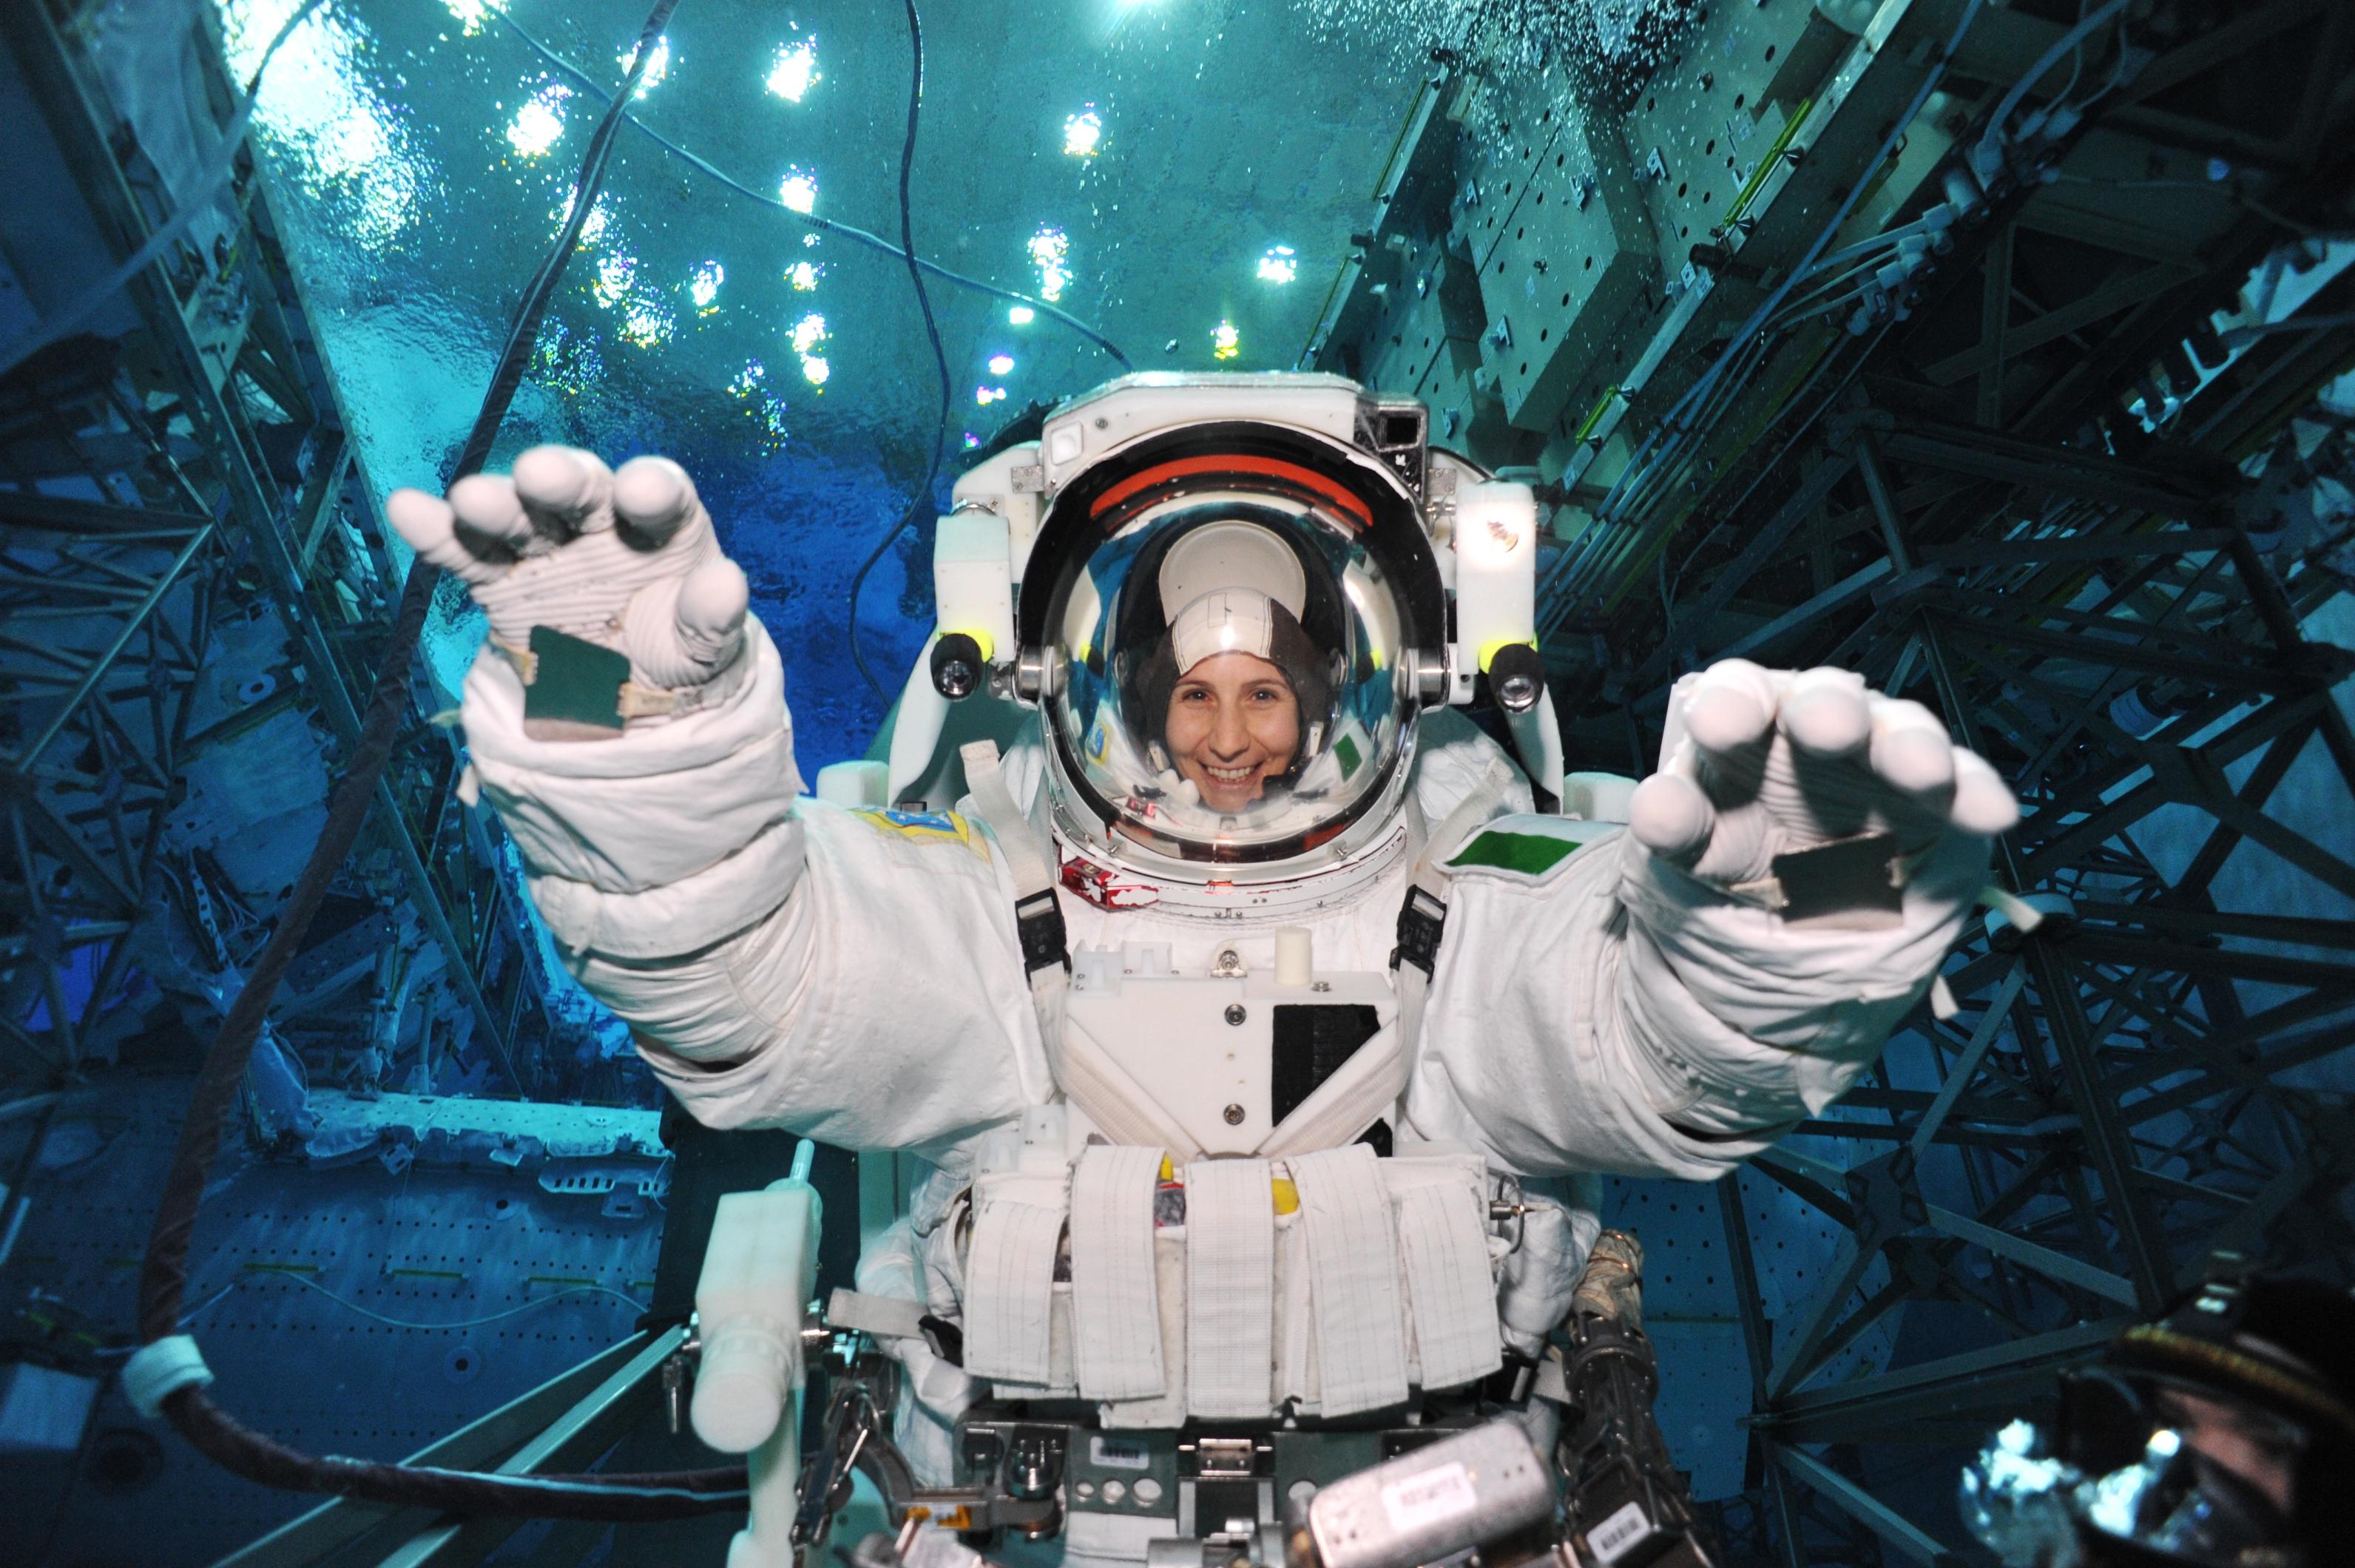 фотографии и картинки космонавтов утром всегда могу